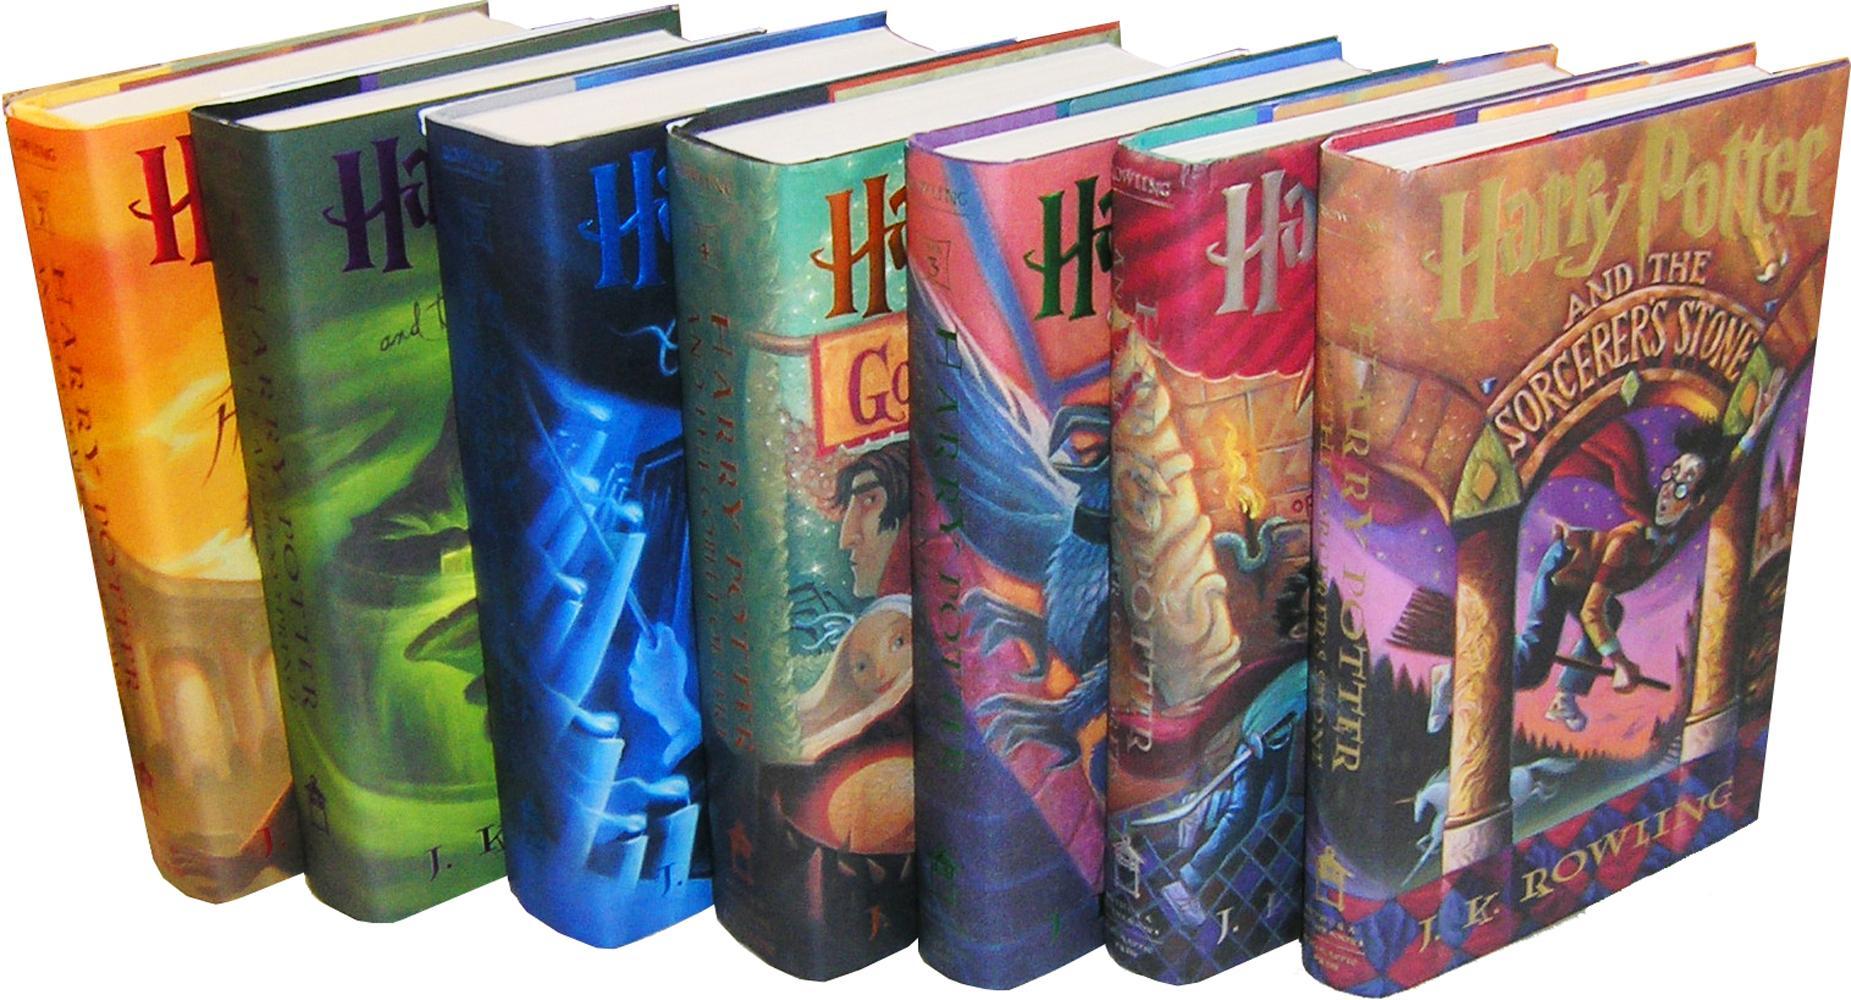 Harry Potter legnagyobb hőstette talán nem is Voldemort legyőzése,